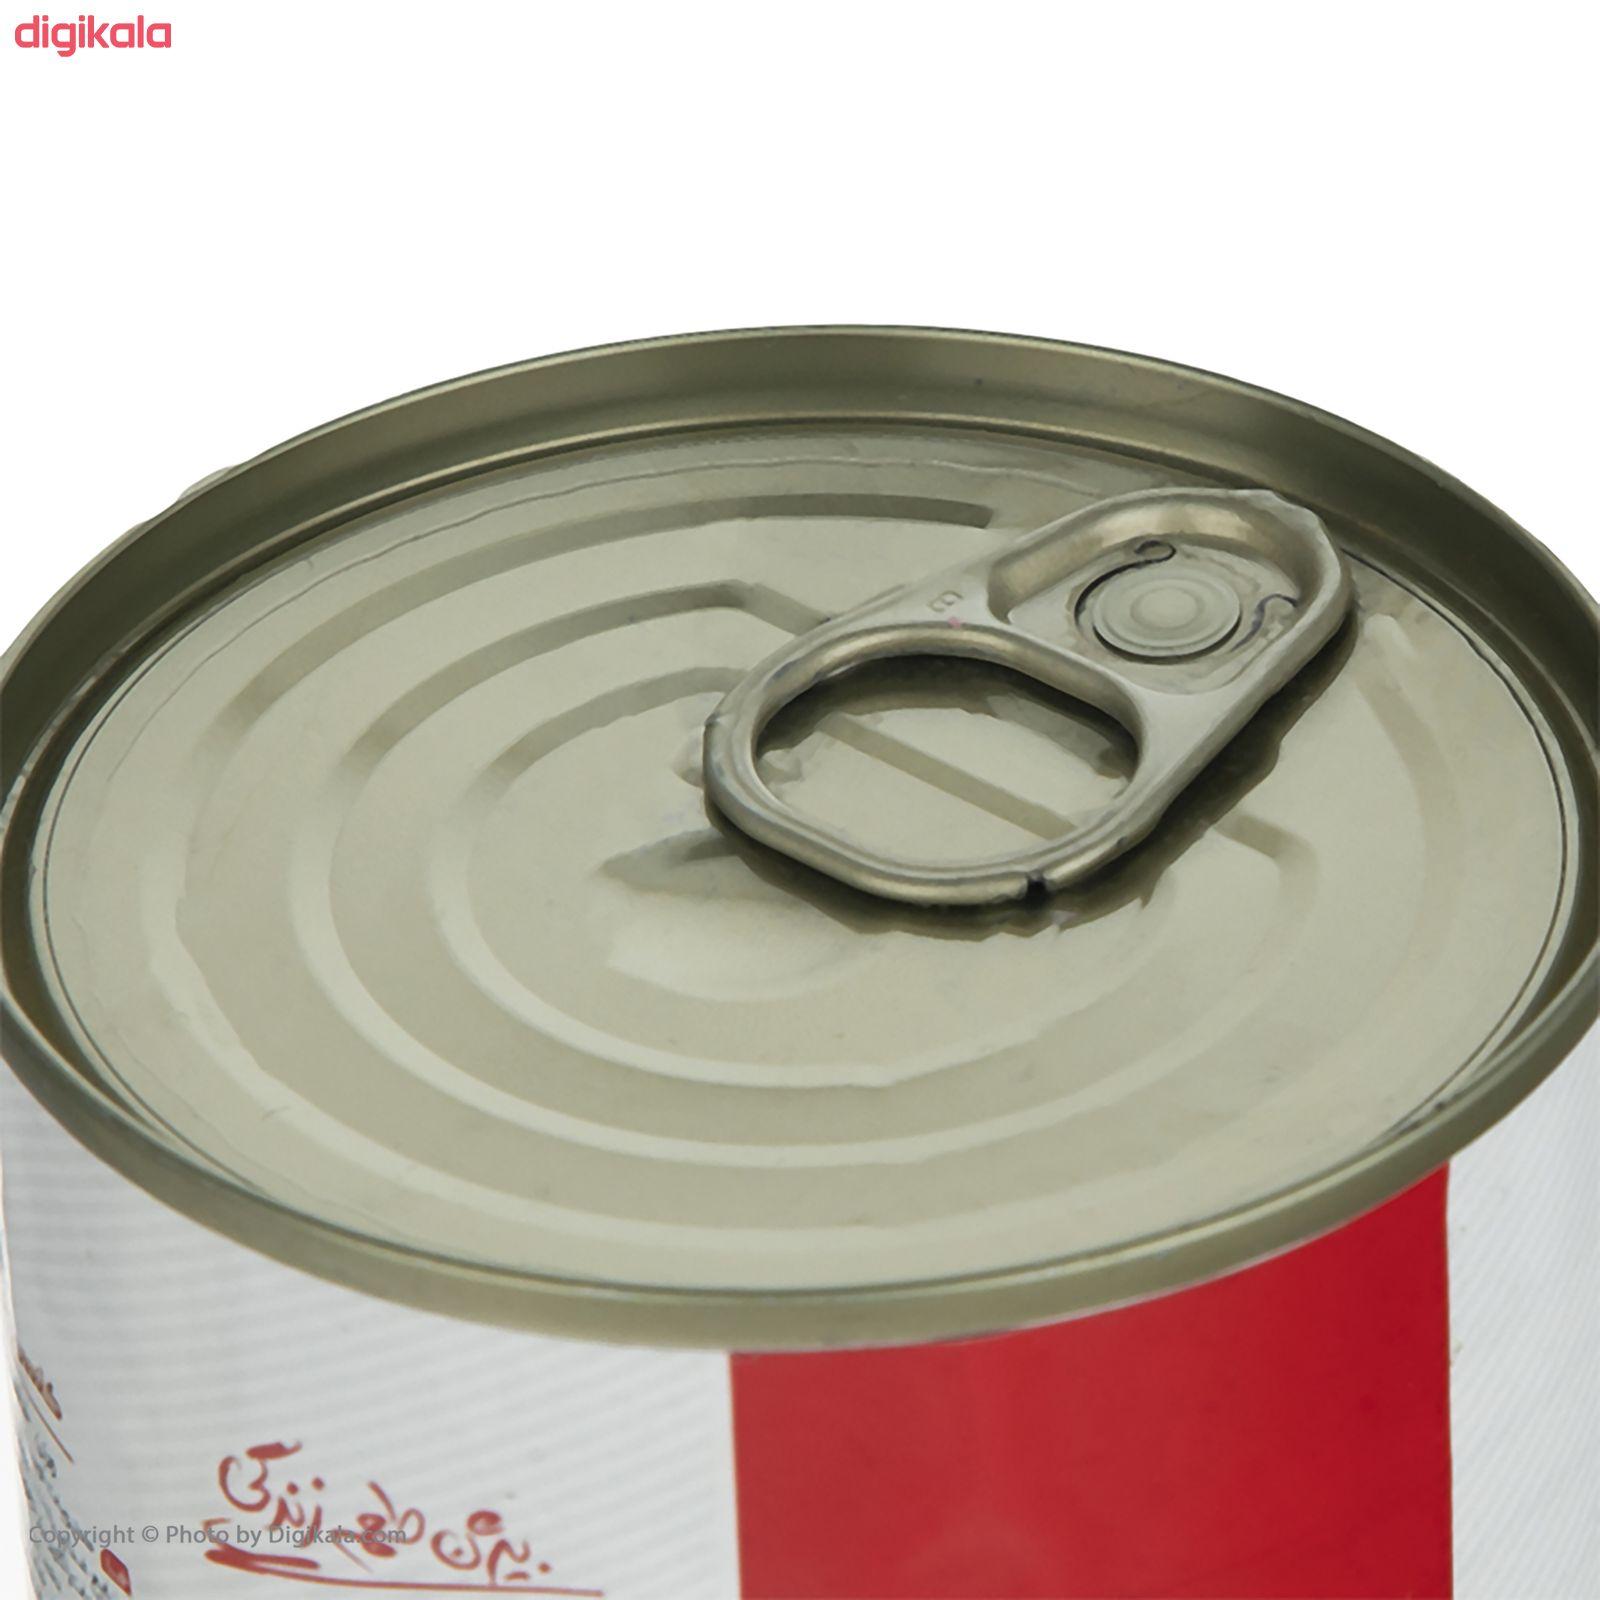 کنسرو لوبیا چیتی با سس گوجه فرنگی بیژن - 380 گرم  main 1 4